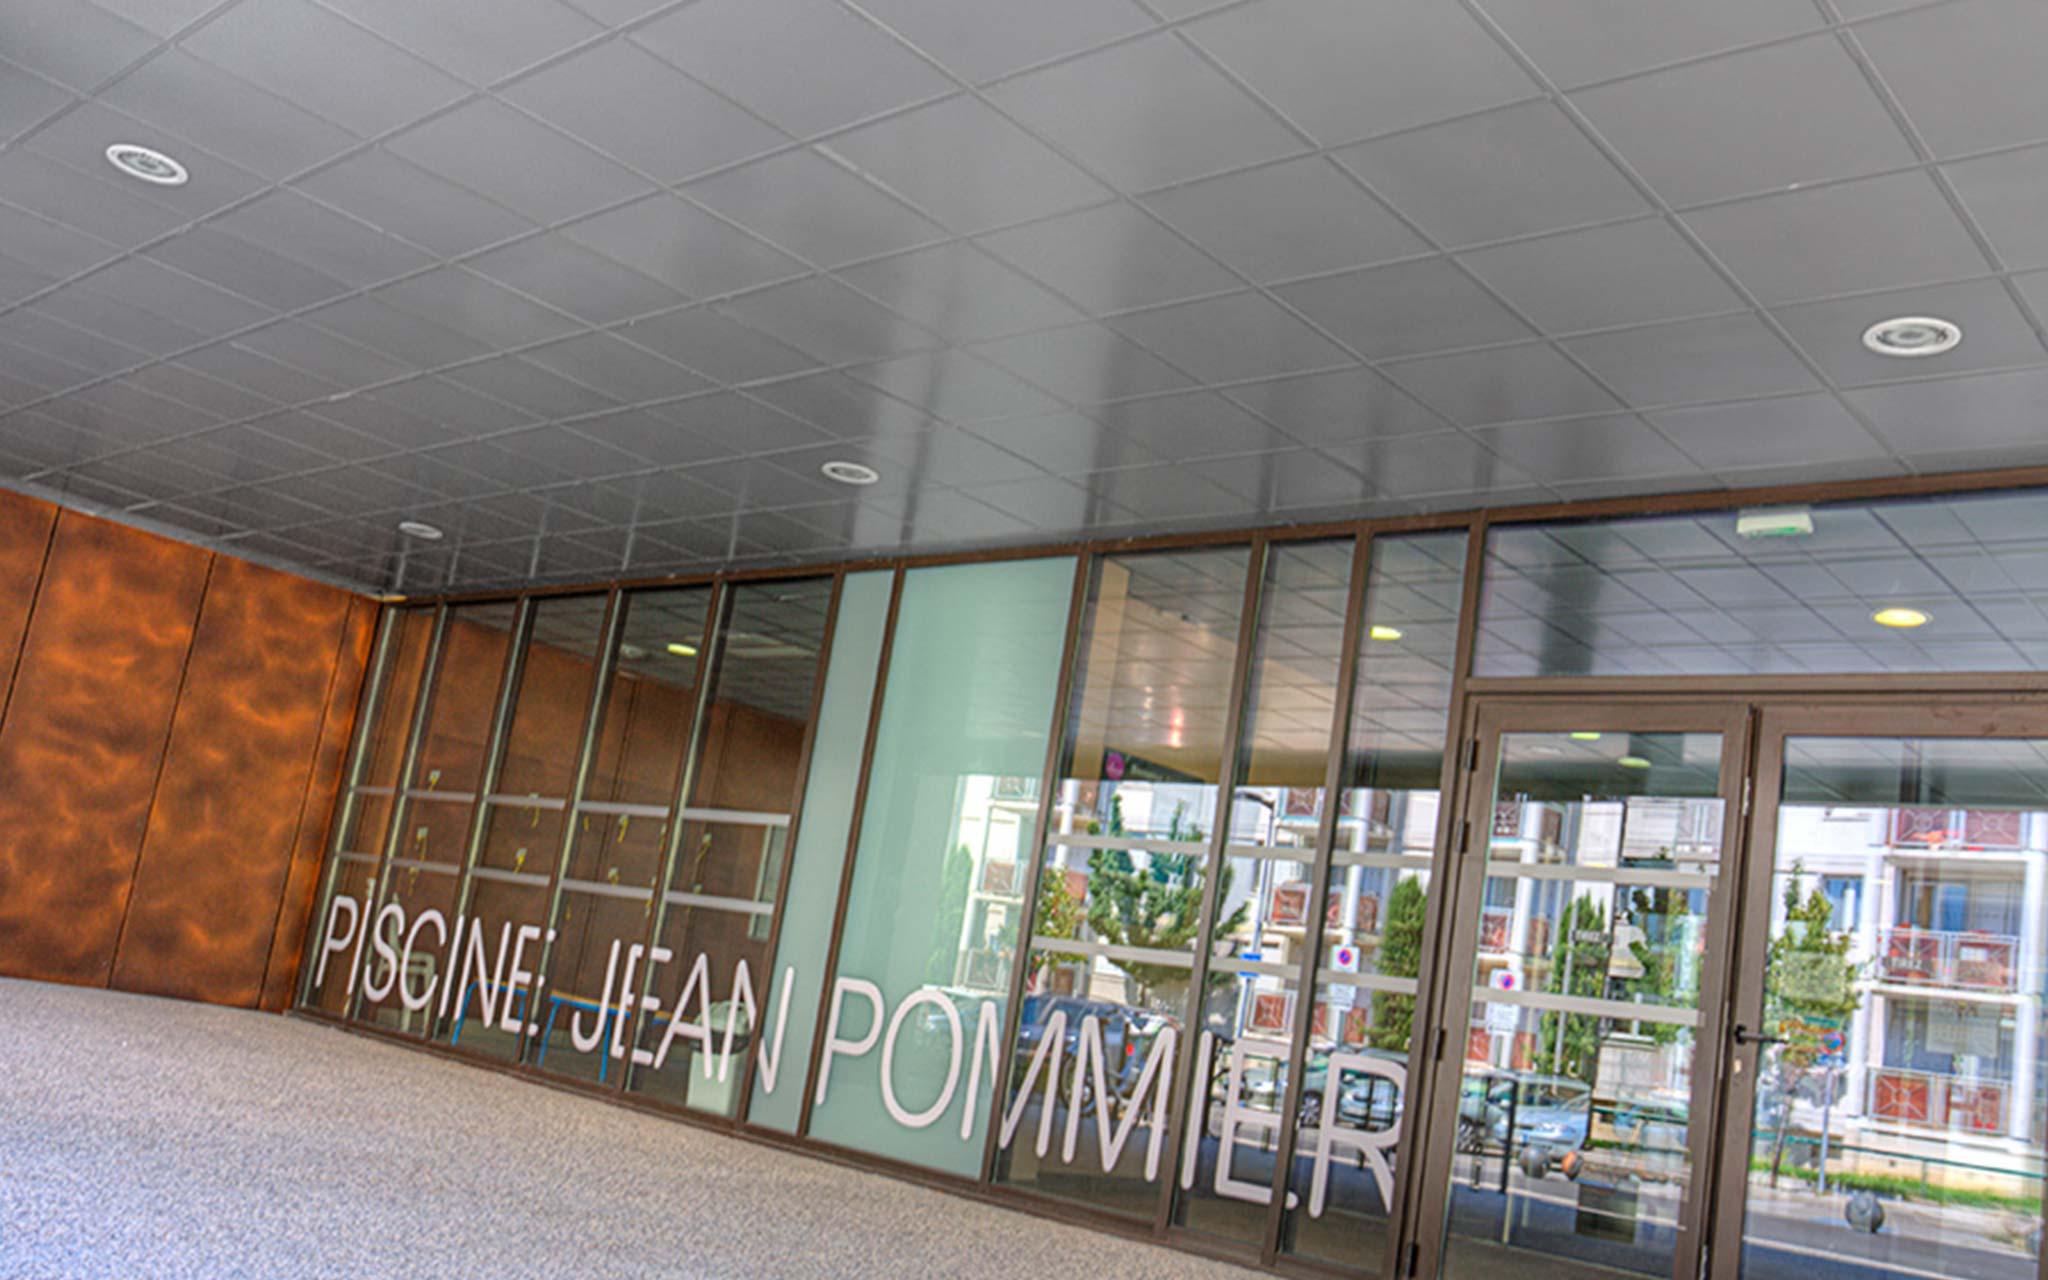 Chantier Piscine Jean Pommier À Valence dedans Piscine Jean Pommier Polygone Valence